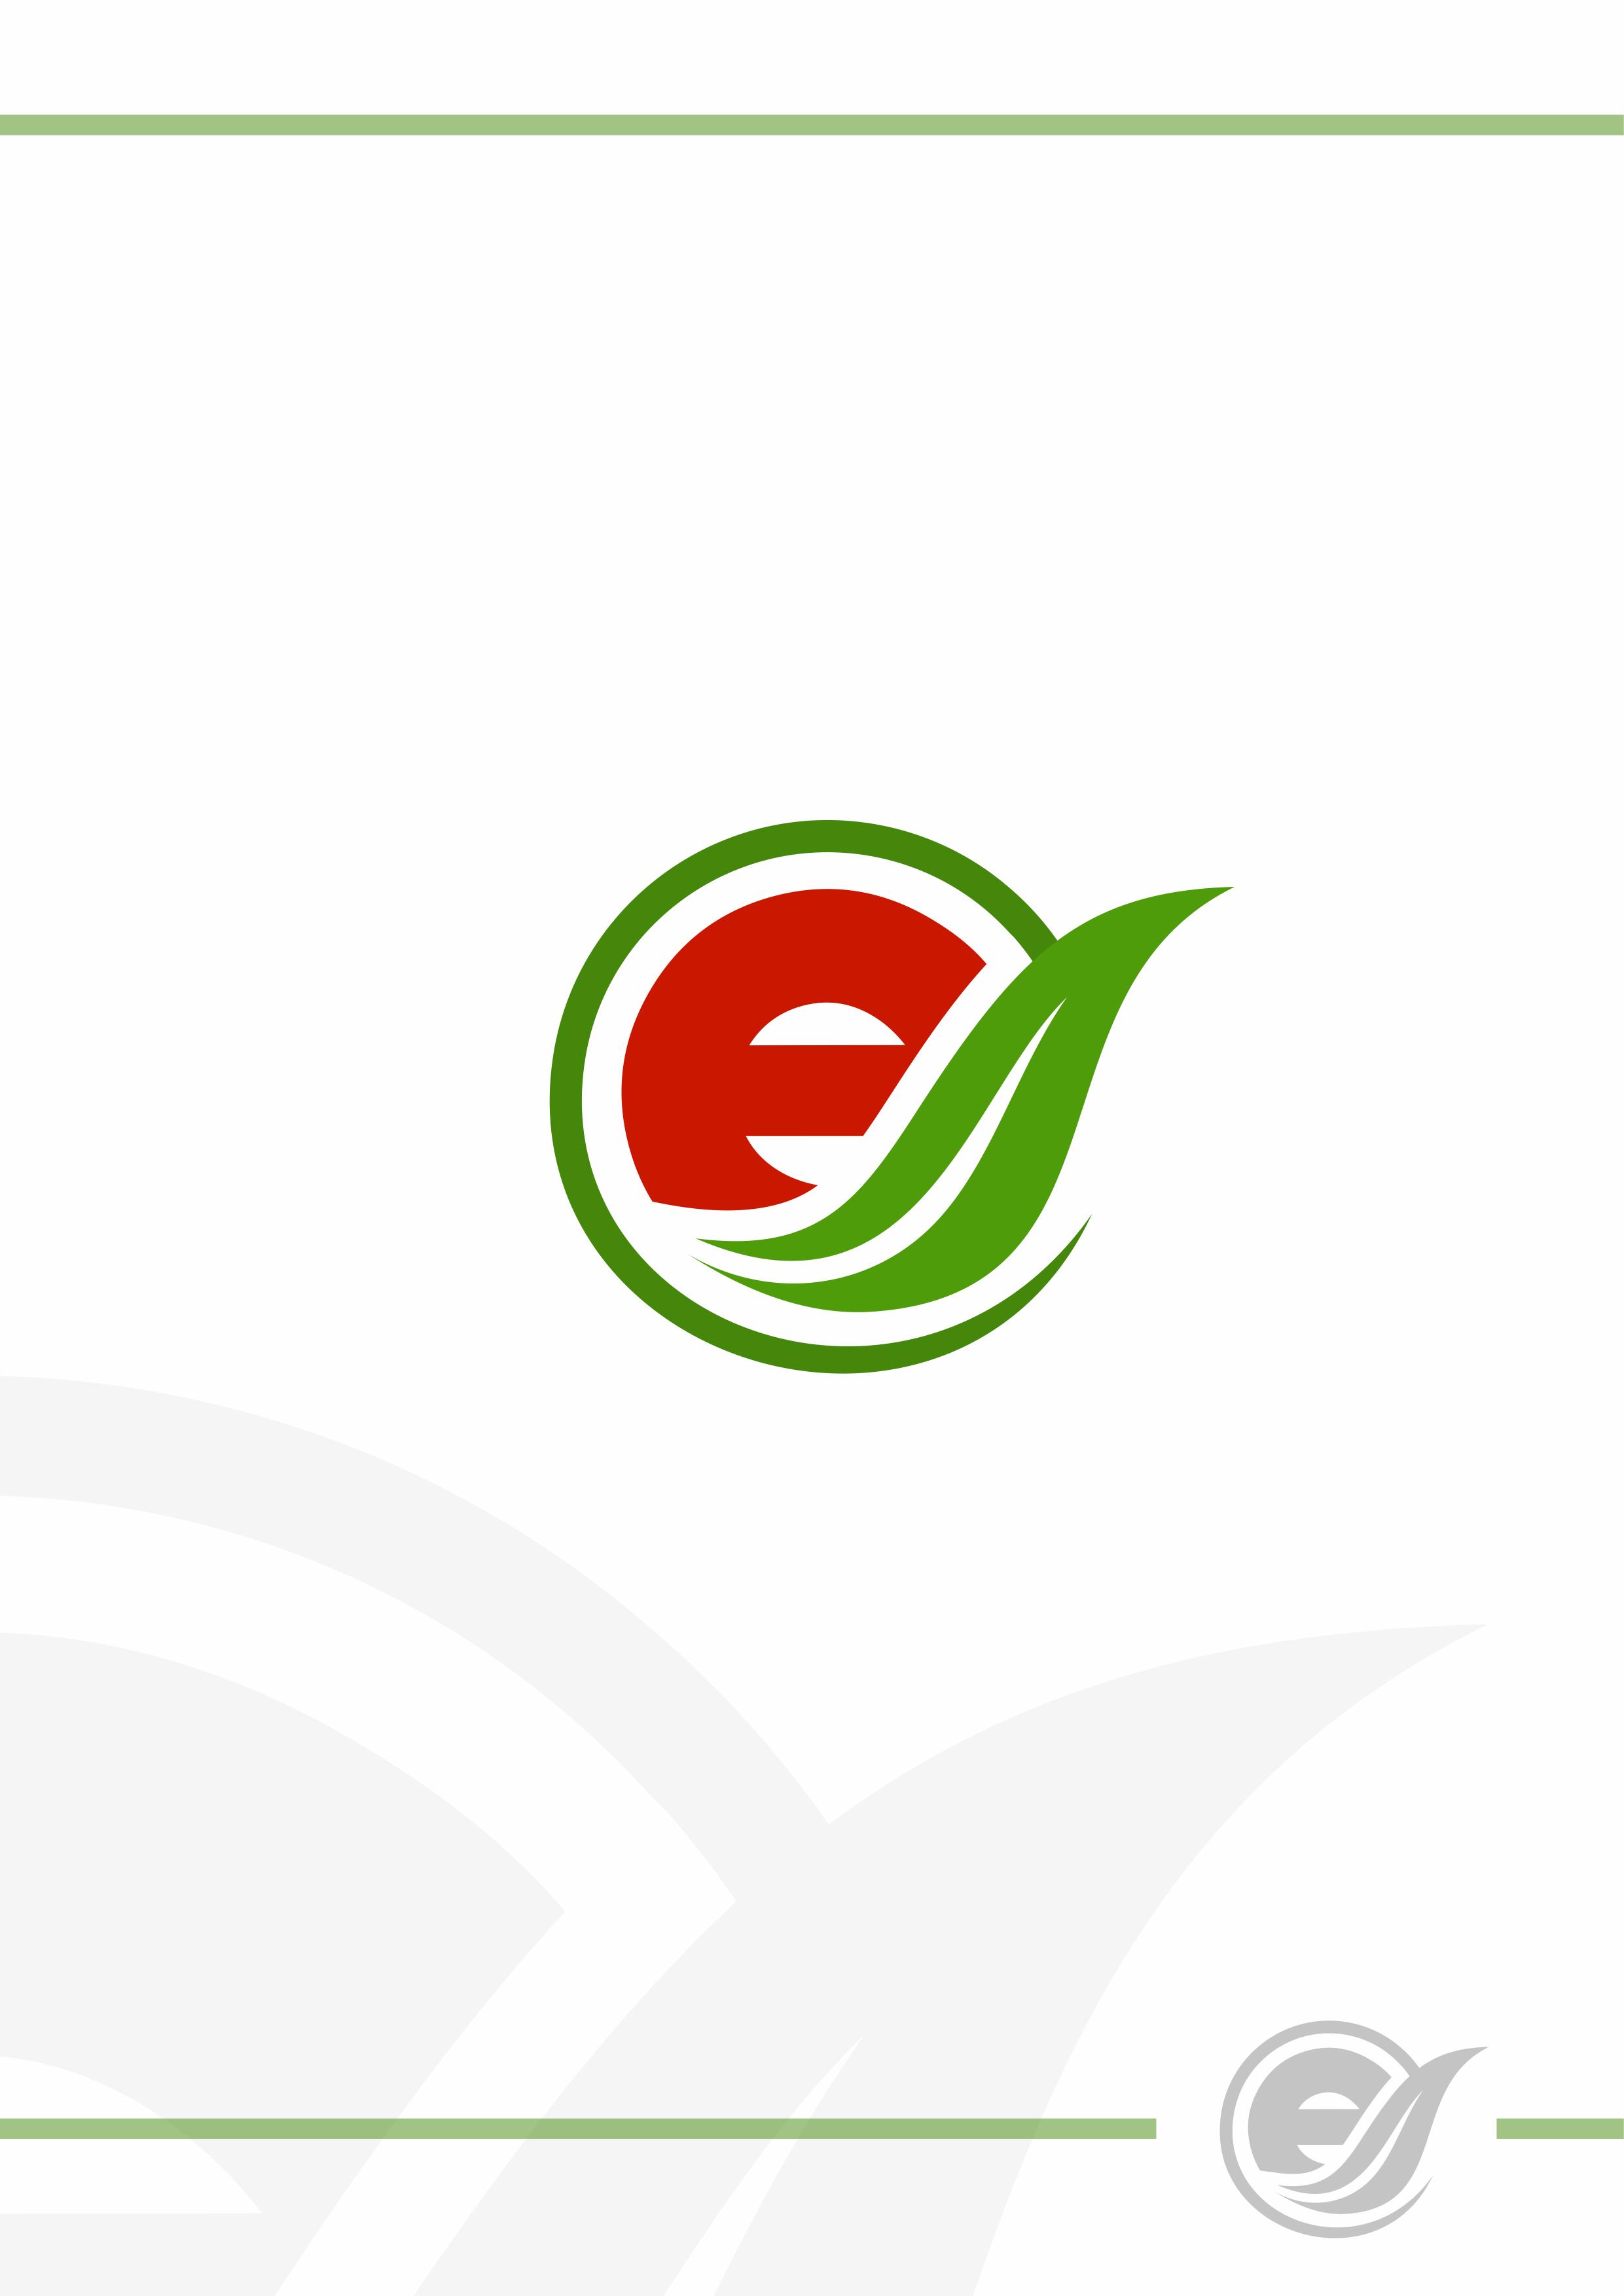 Логотип для поставщика продуктов питания из России в Китай фото f_4115ea72c8252ec4.png